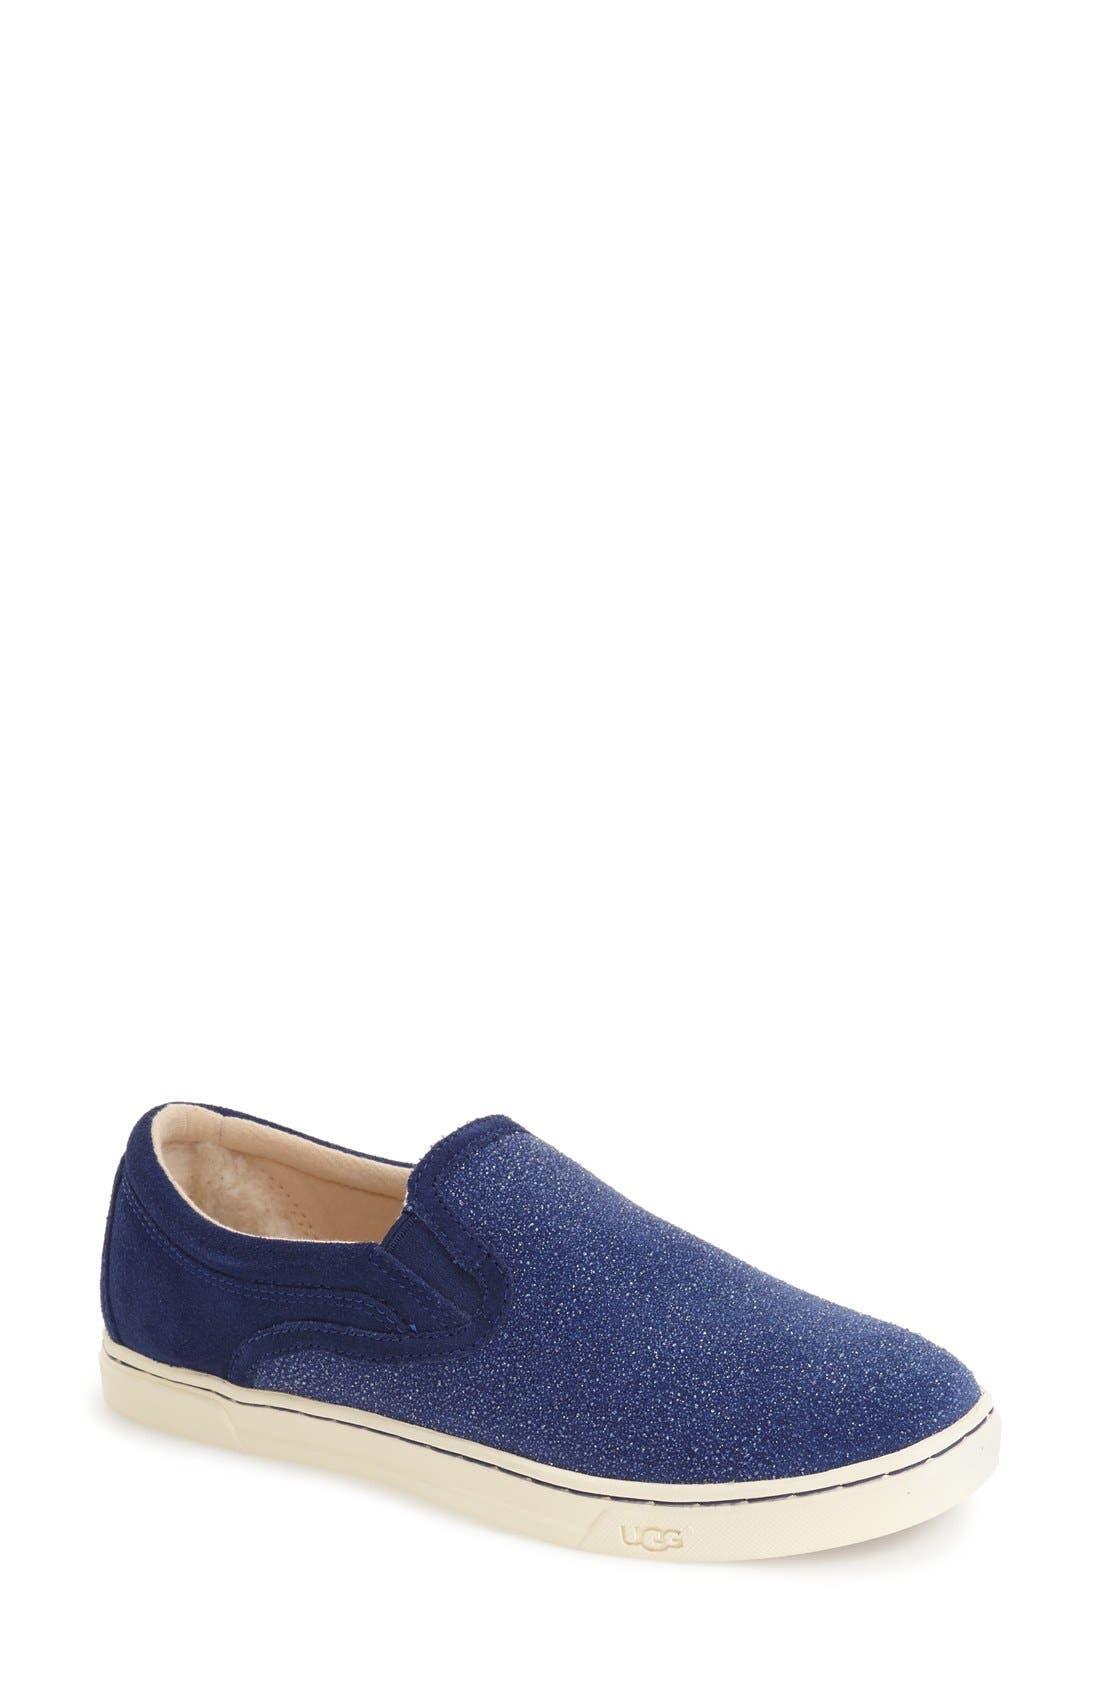 UGG® Fierce Slip-On Sneaker (Women)